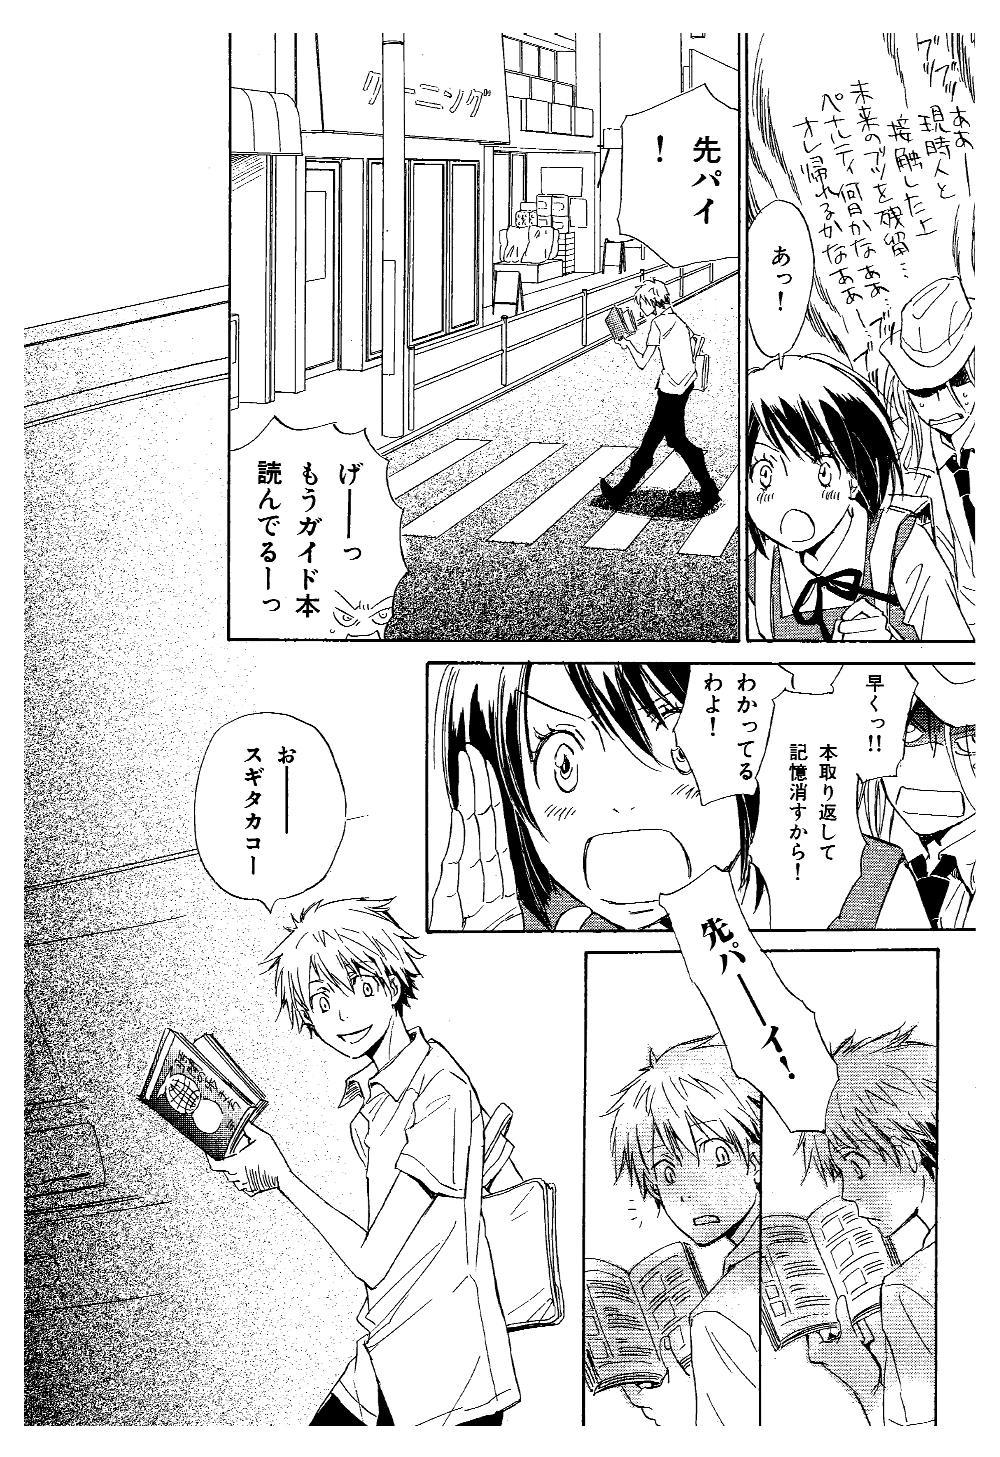 時間の歩き方 第1話 ②jikan02-05.jpg